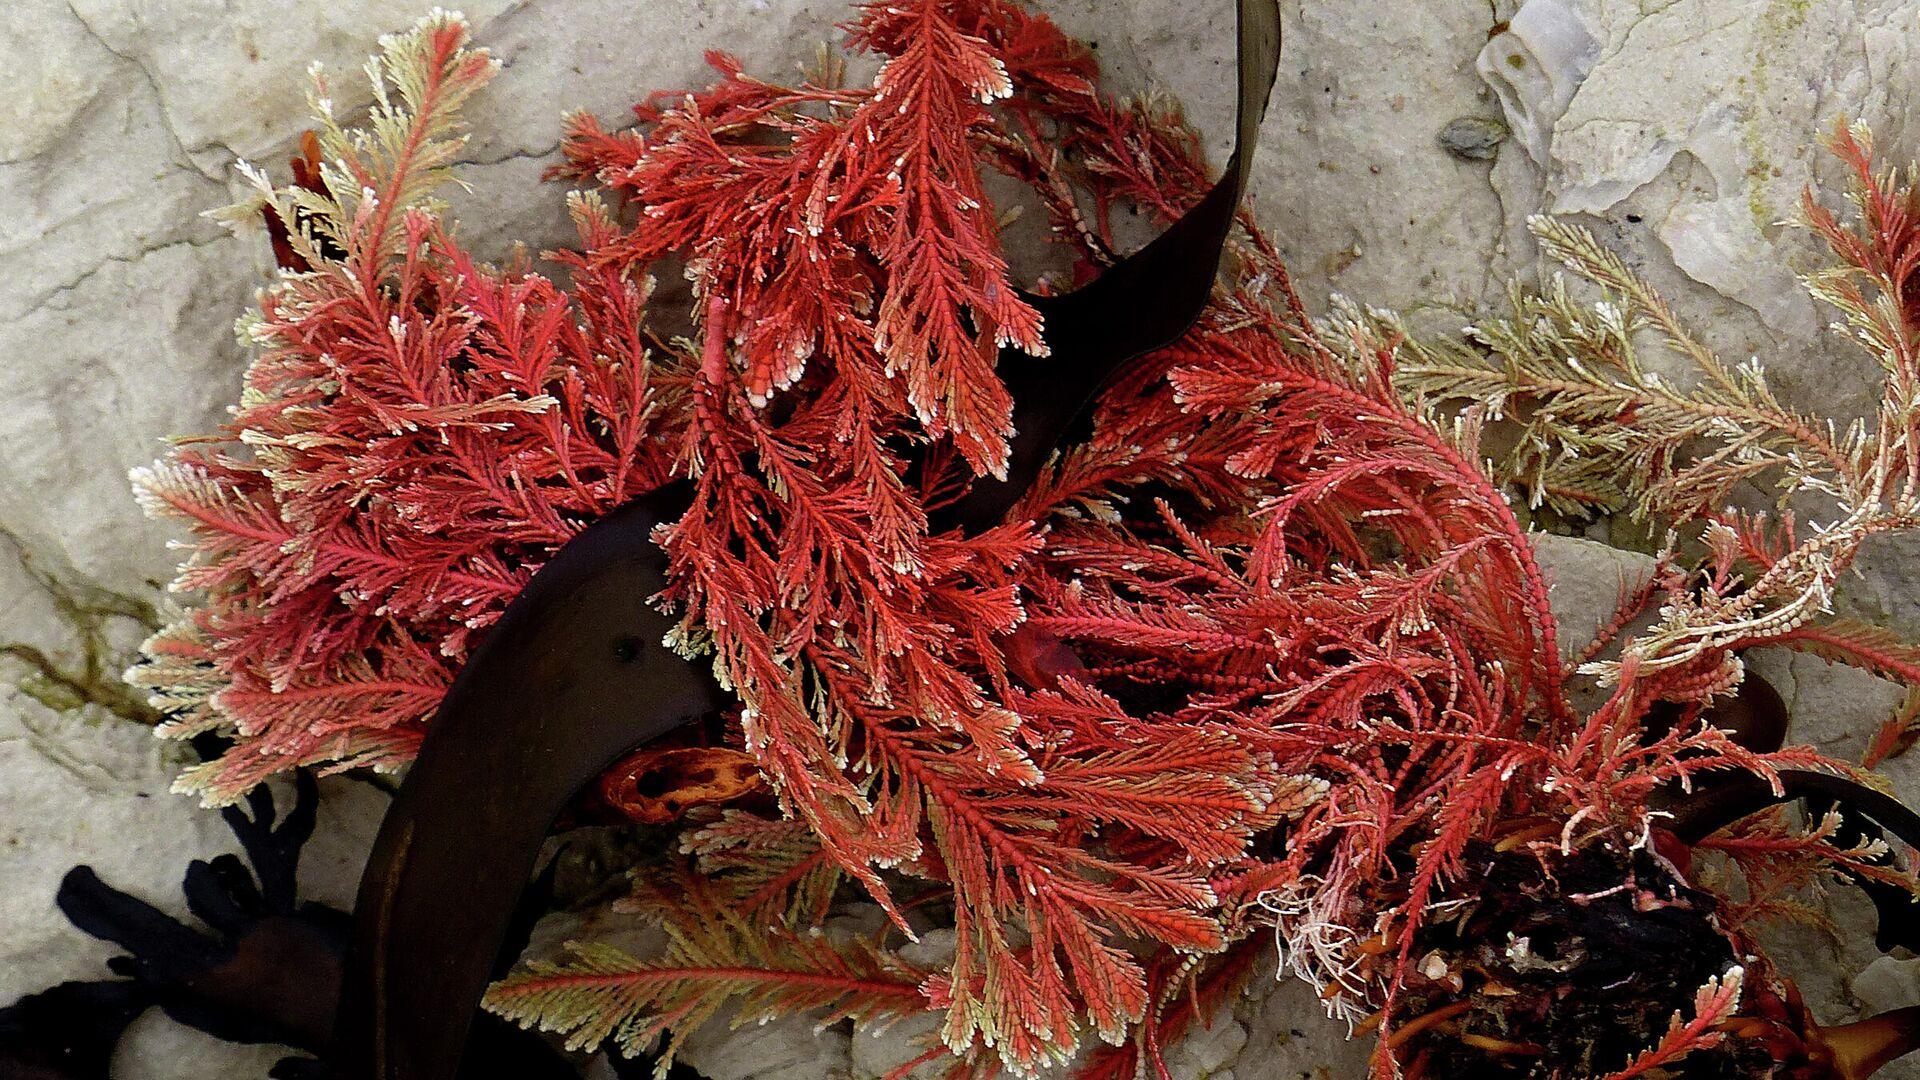 Algas rojas - Sputnik Mundo, 1920, 11.03.2021